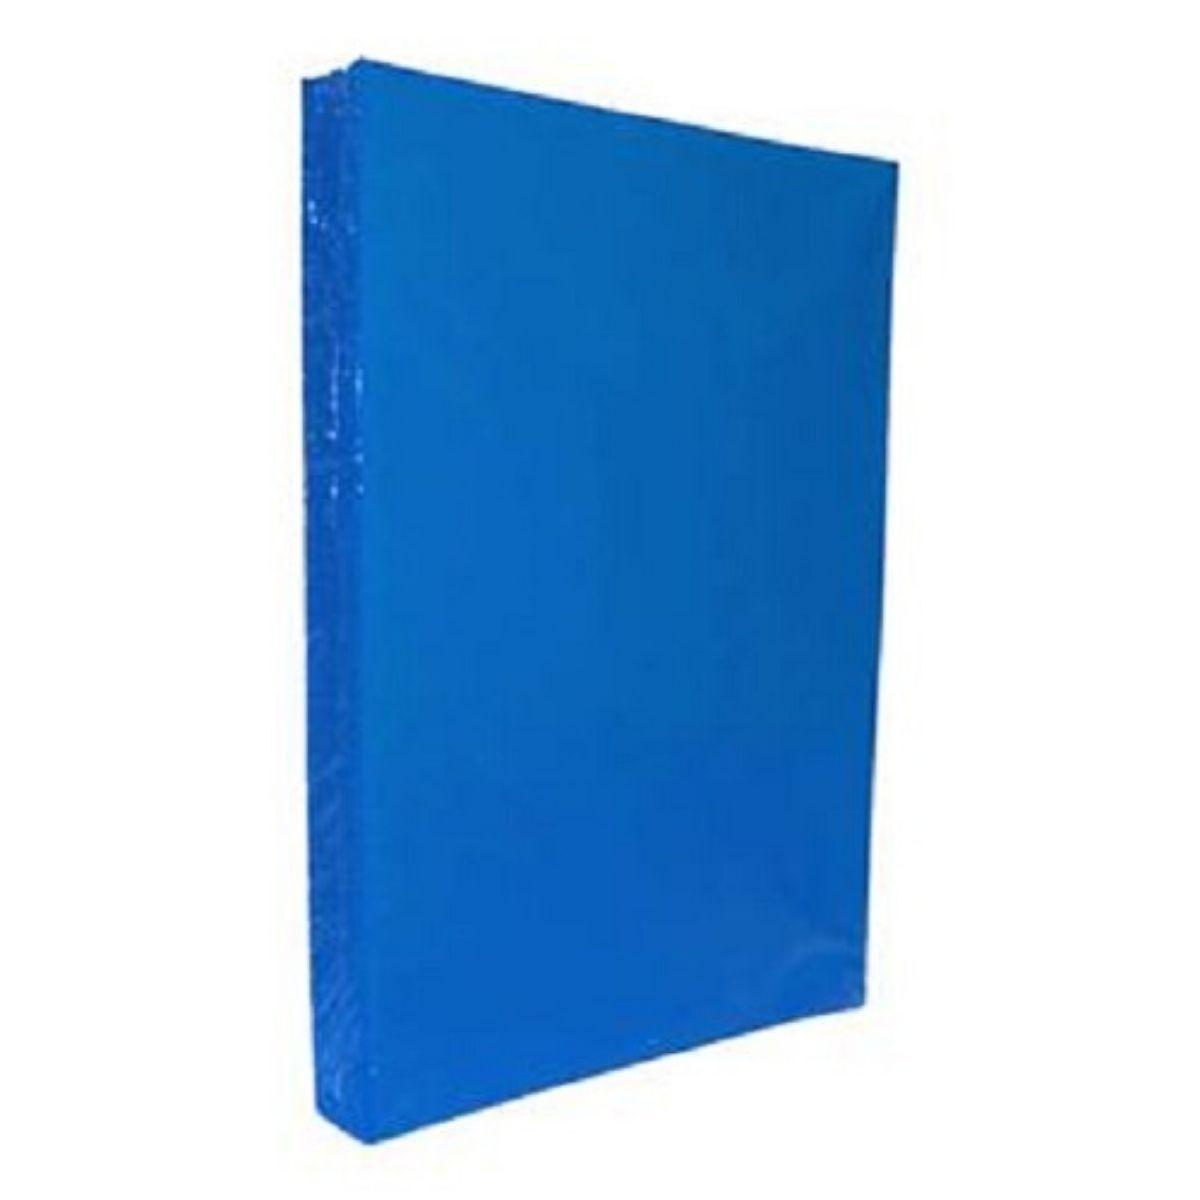 Capa para Encadernação PP 0,30mm A4 Azul Royal Couro (Fundo) - Pacote com 100 unidades  - Click Suprimentos